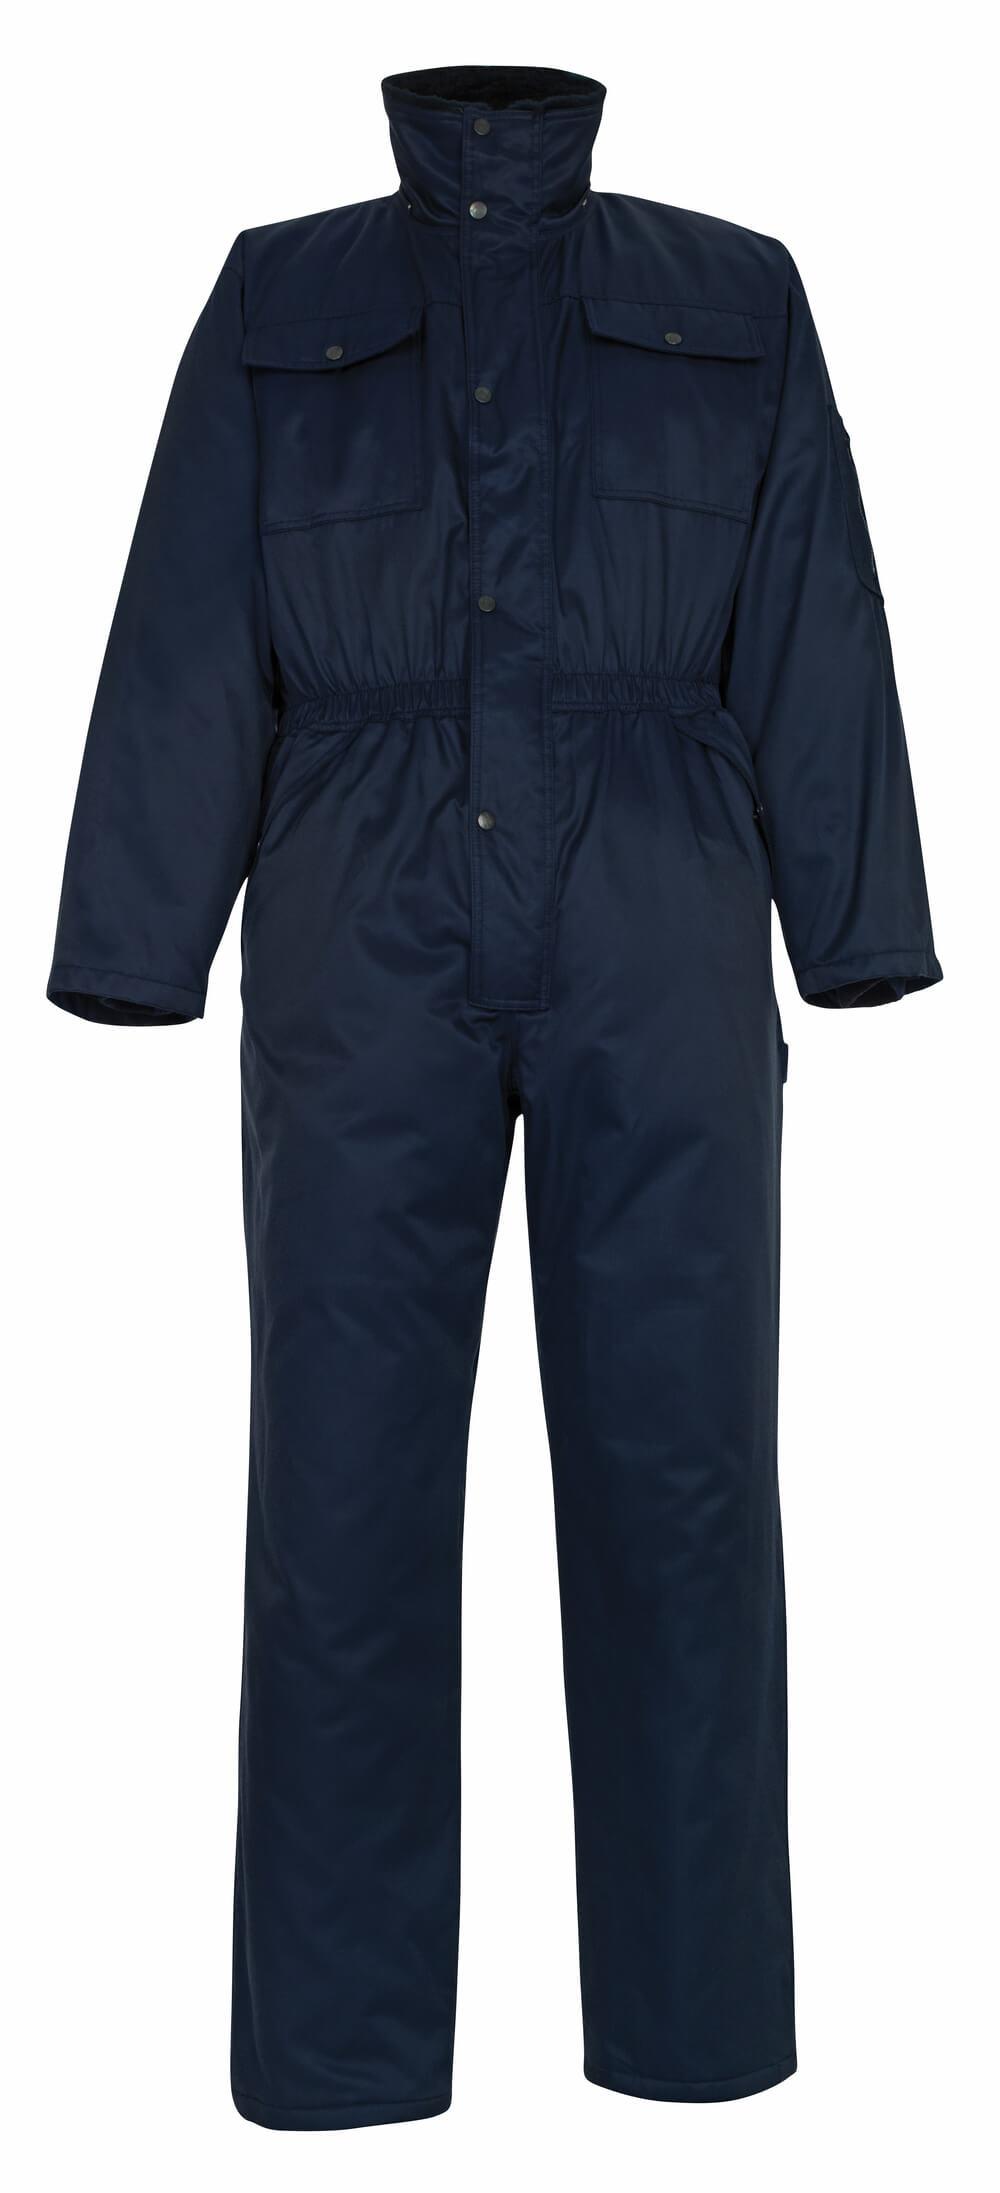 00517-620-01 Vinterkjeledress - marine